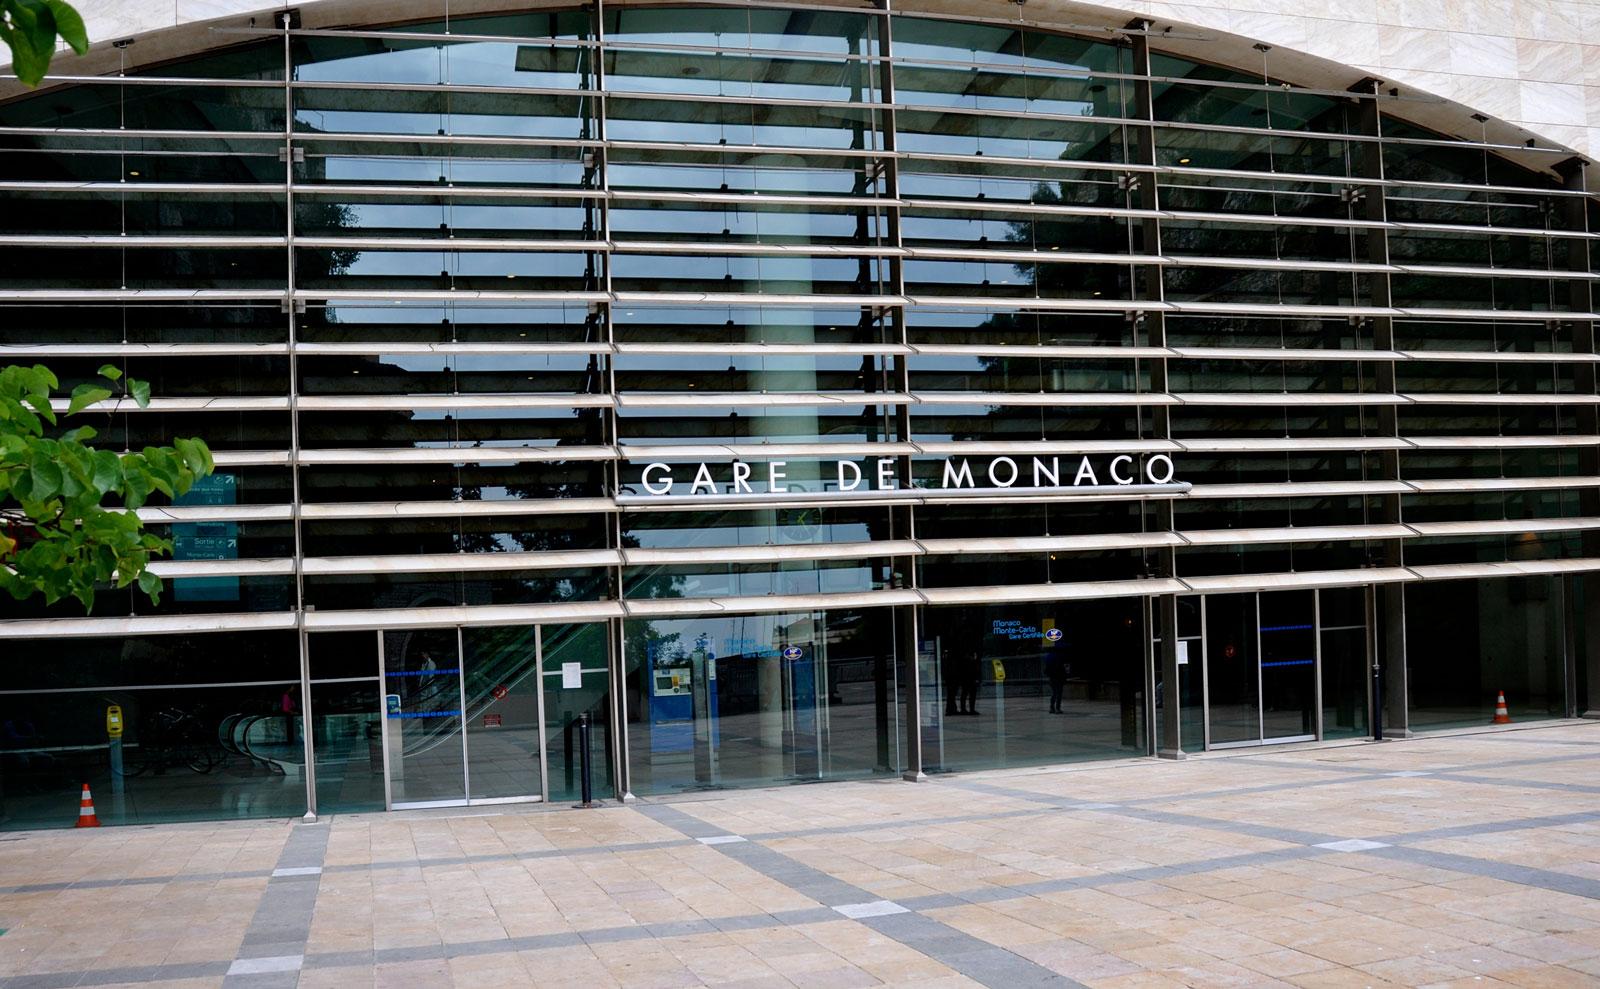 La Gare de Monaco